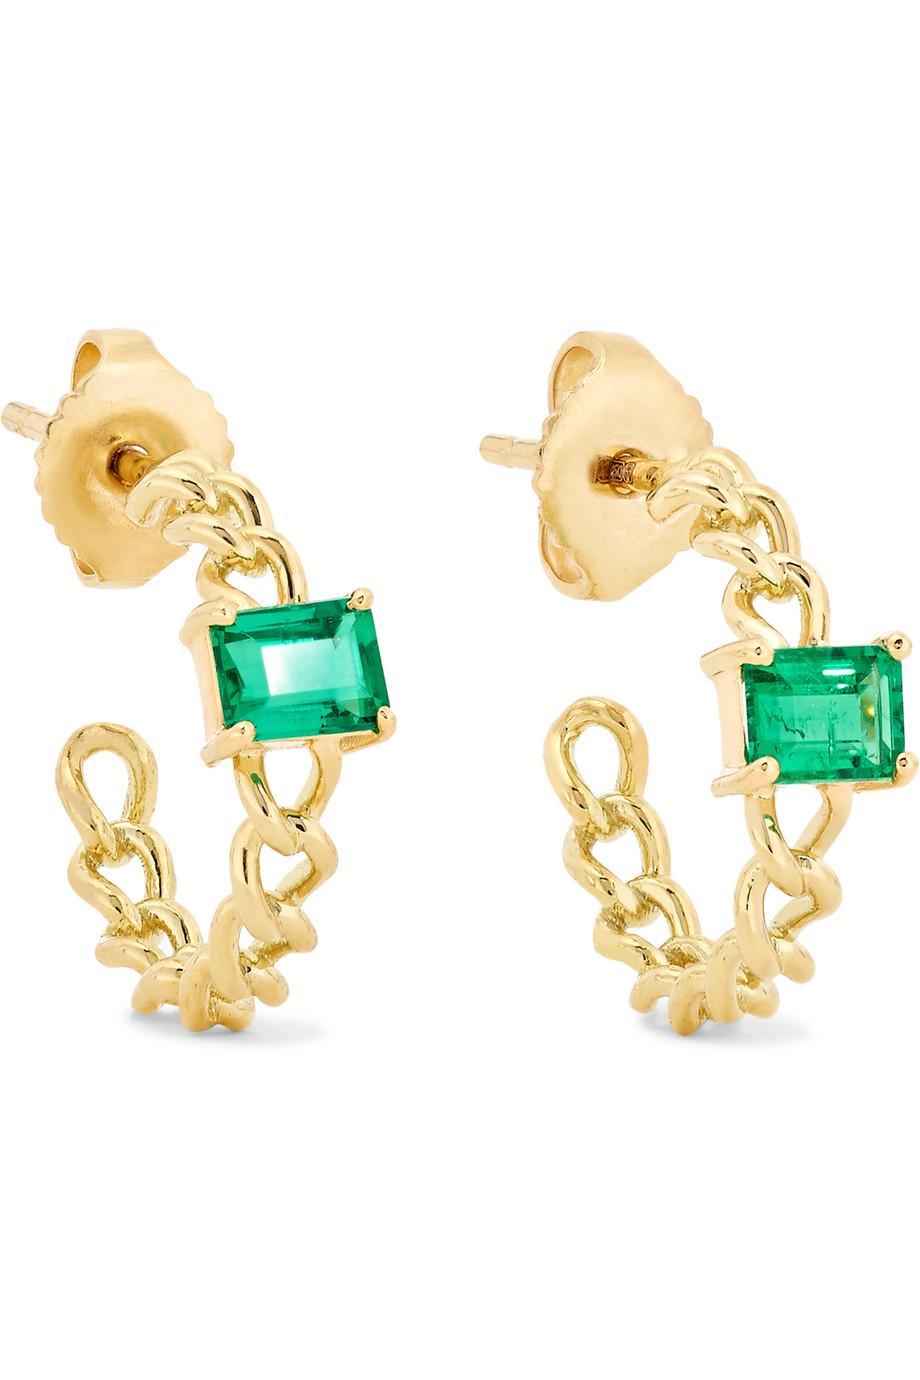 Jemma Wynne 18-karat Gold Emerald Hoop Earrings ffF8e